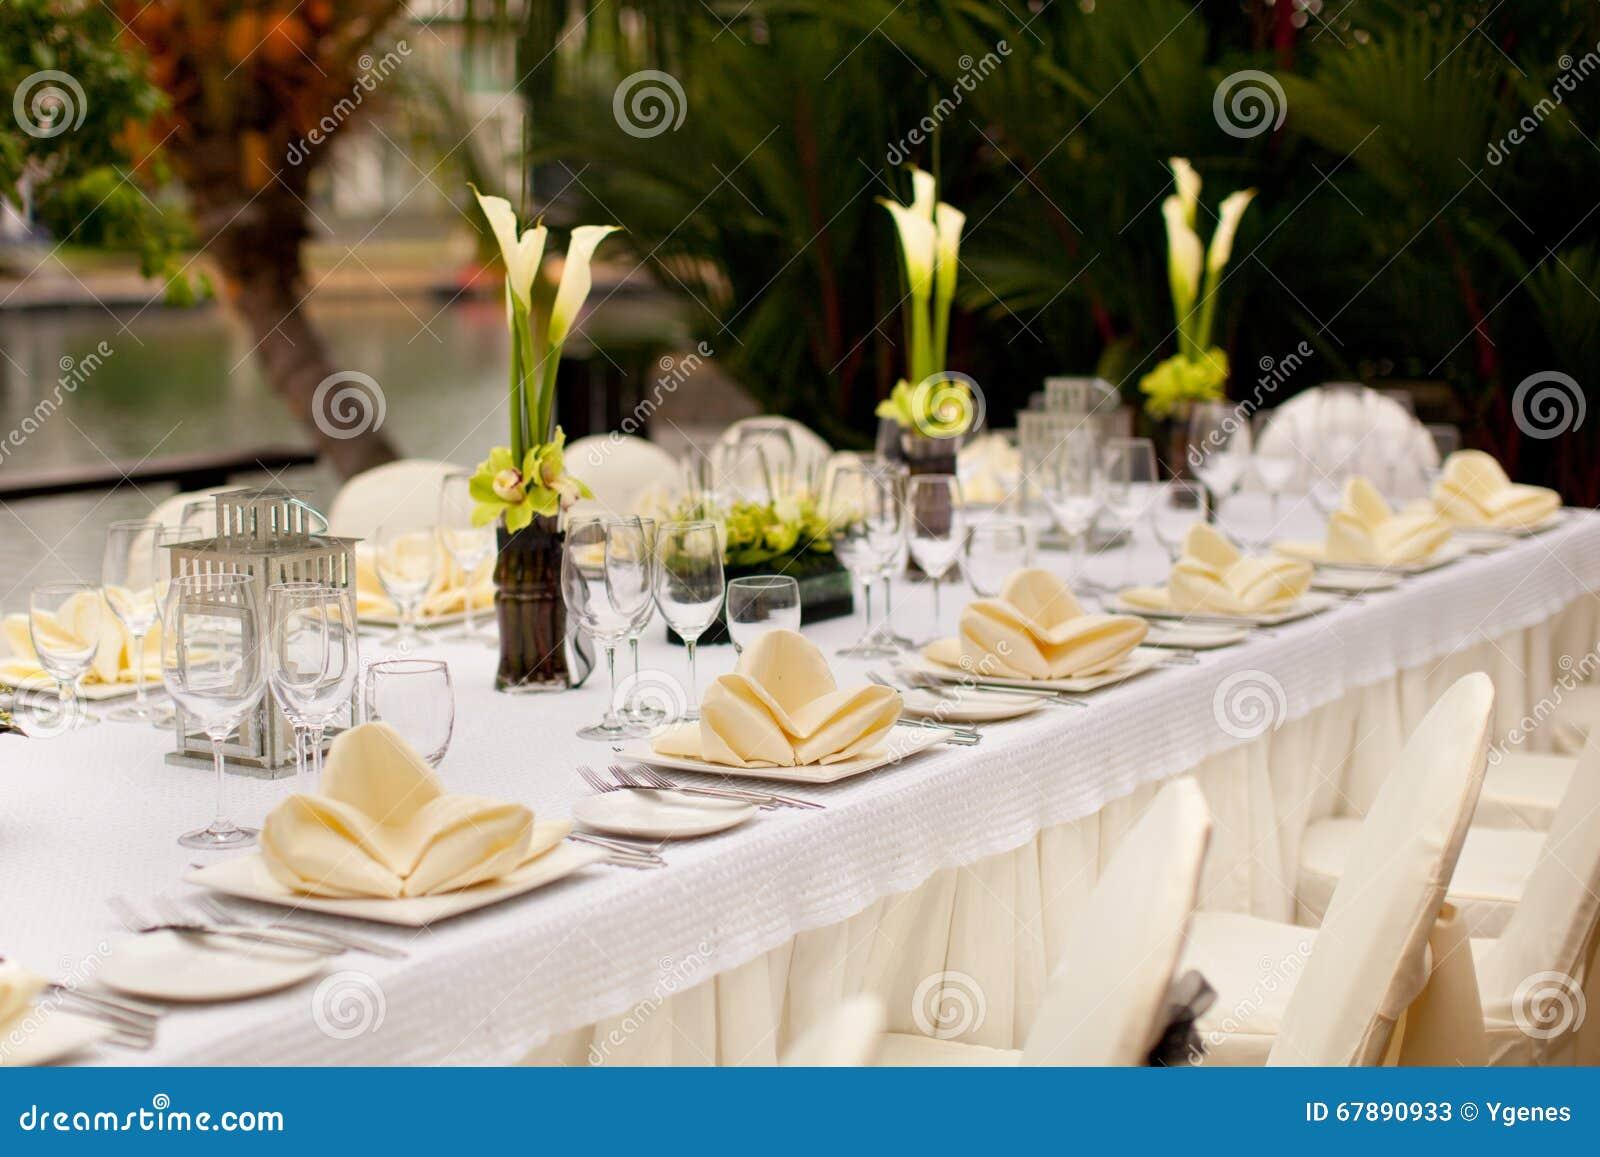 正式设置表 室外庭院样式桌装饰